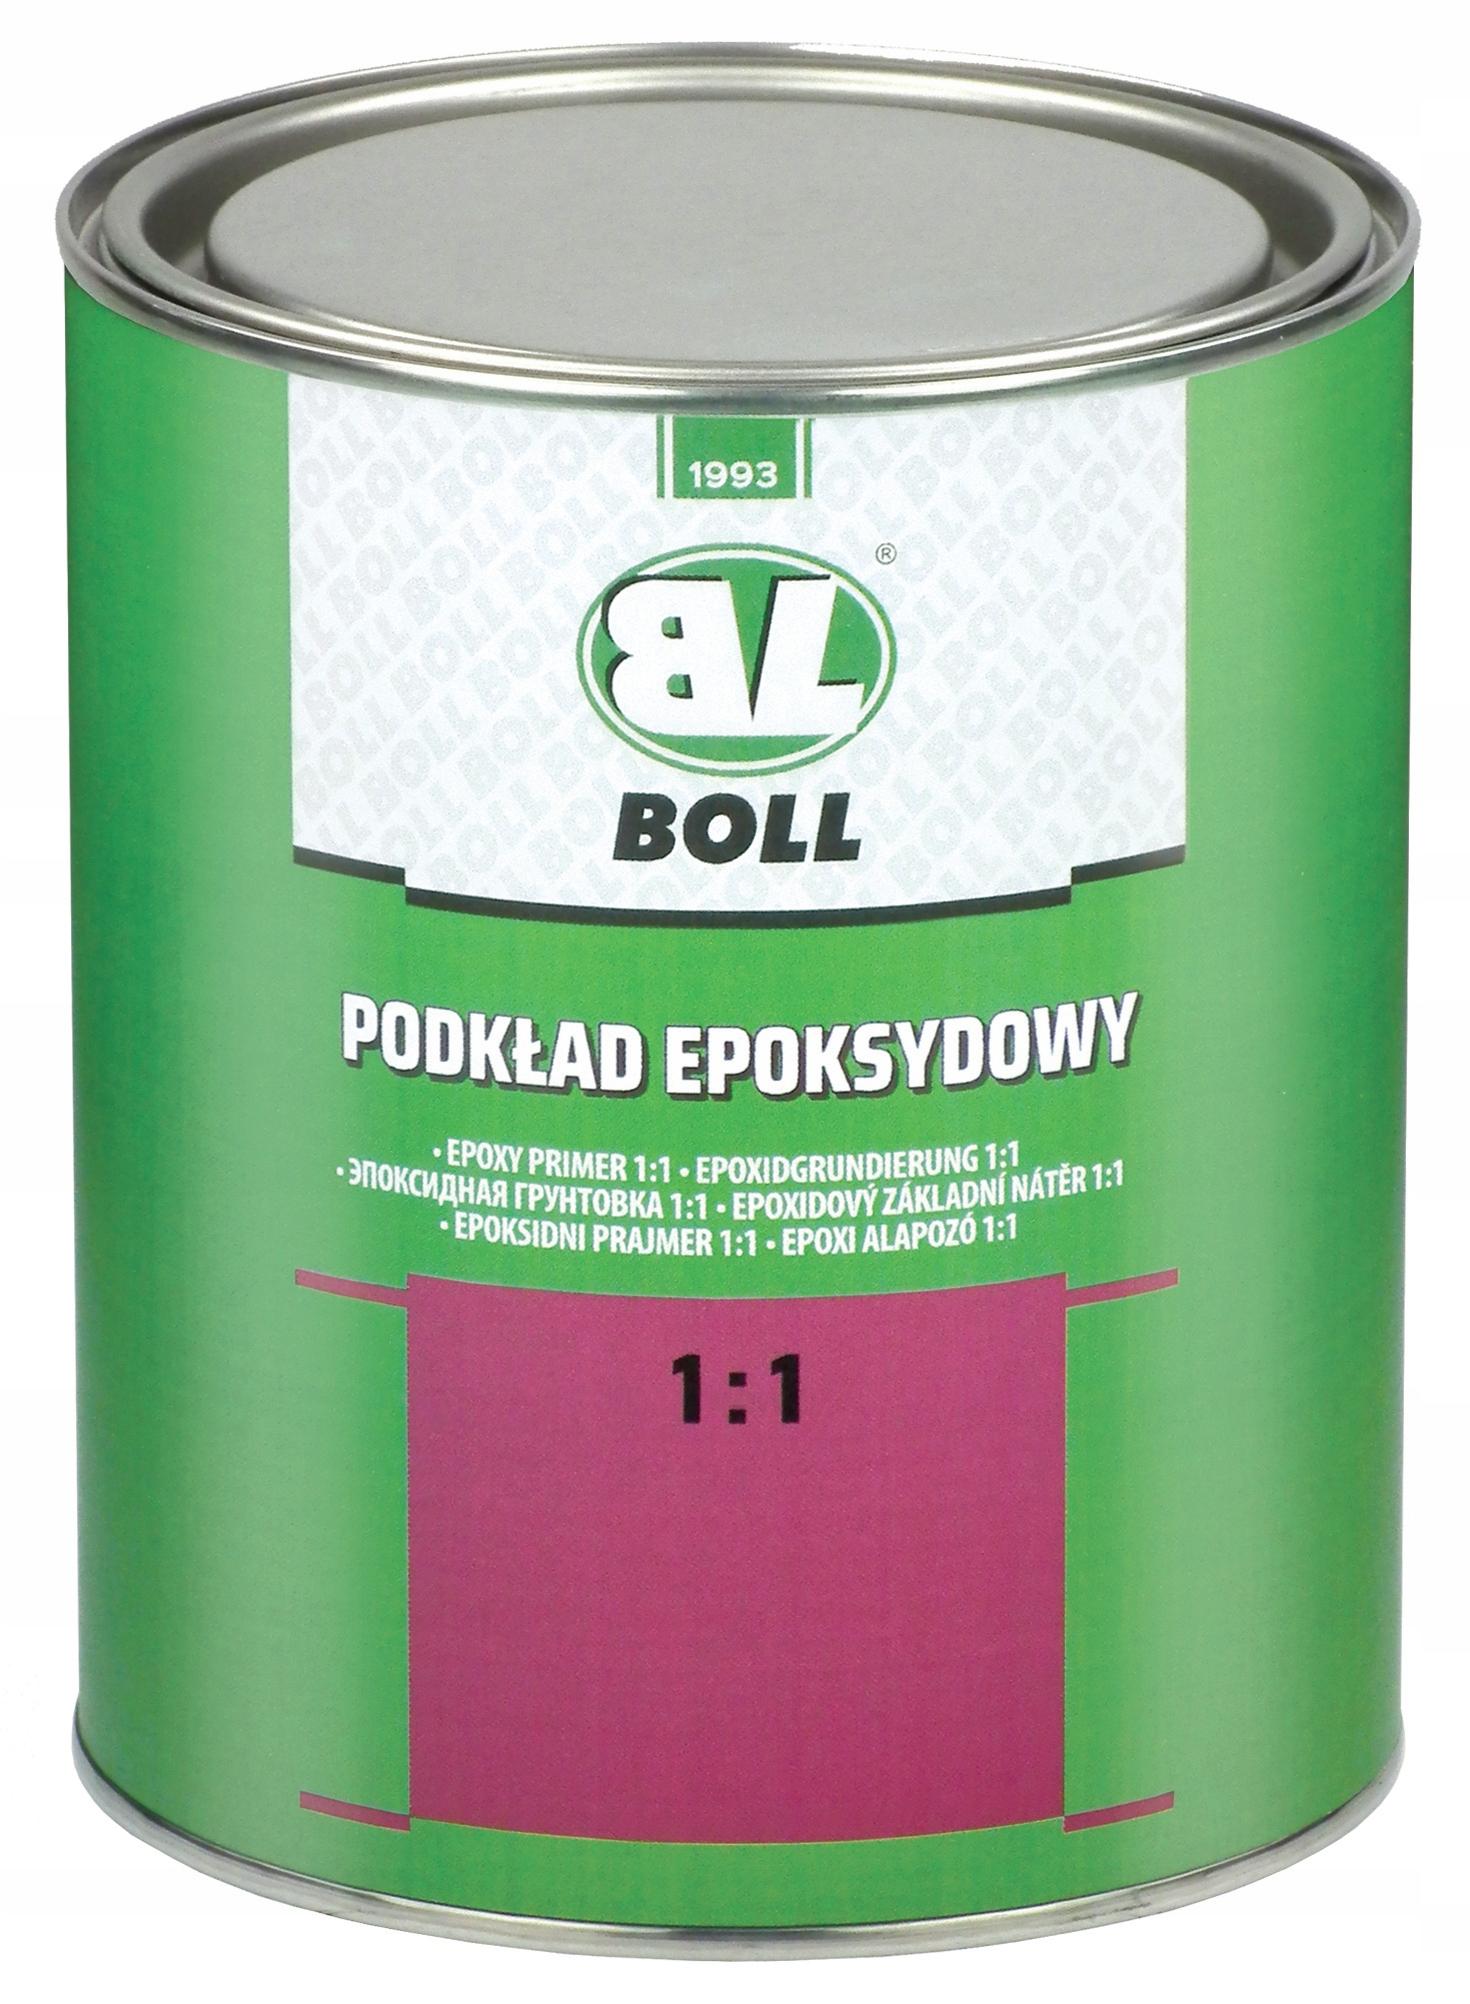 BOLL EPOXY PRIMER 1: 1 0.8L 001417